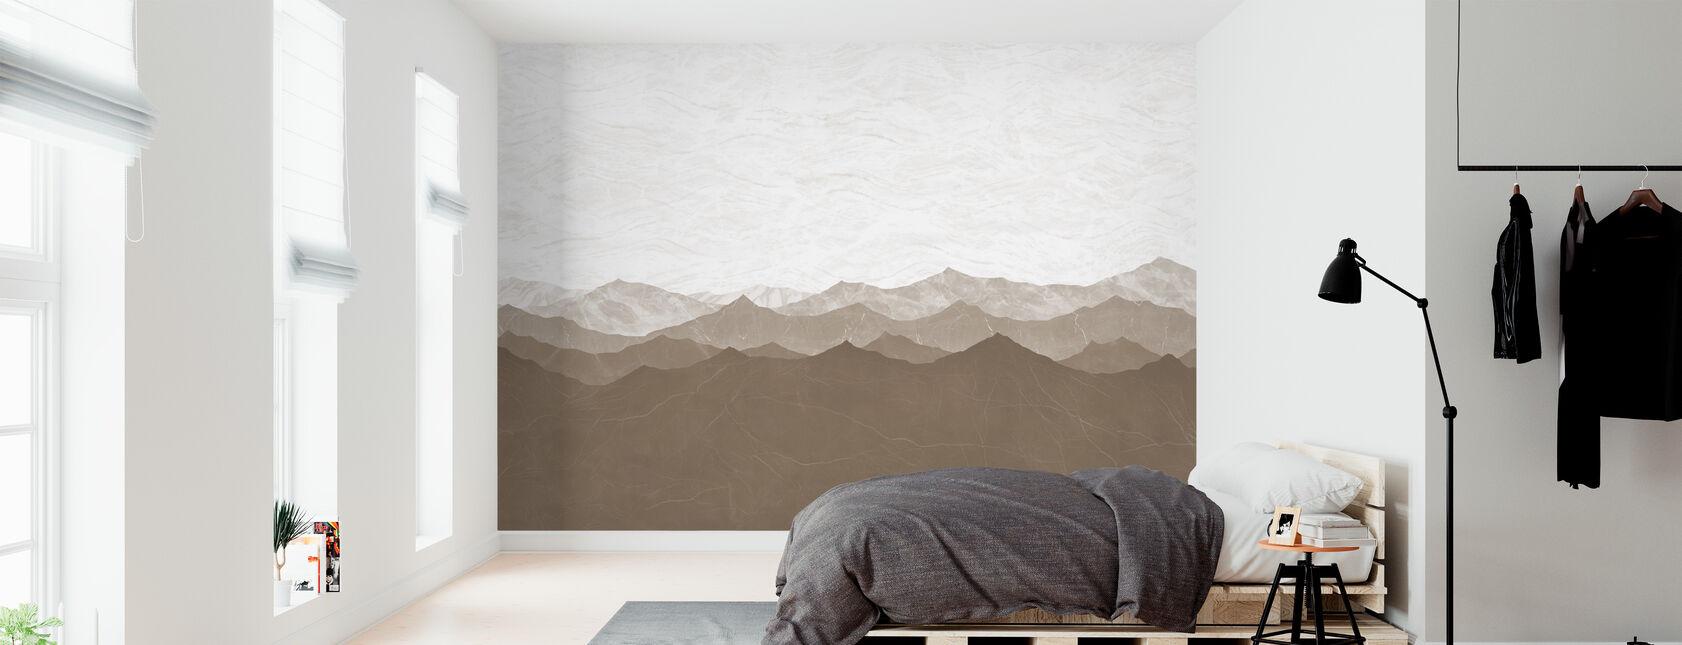 Montagne - Brown - Wallpaper - Bedroom